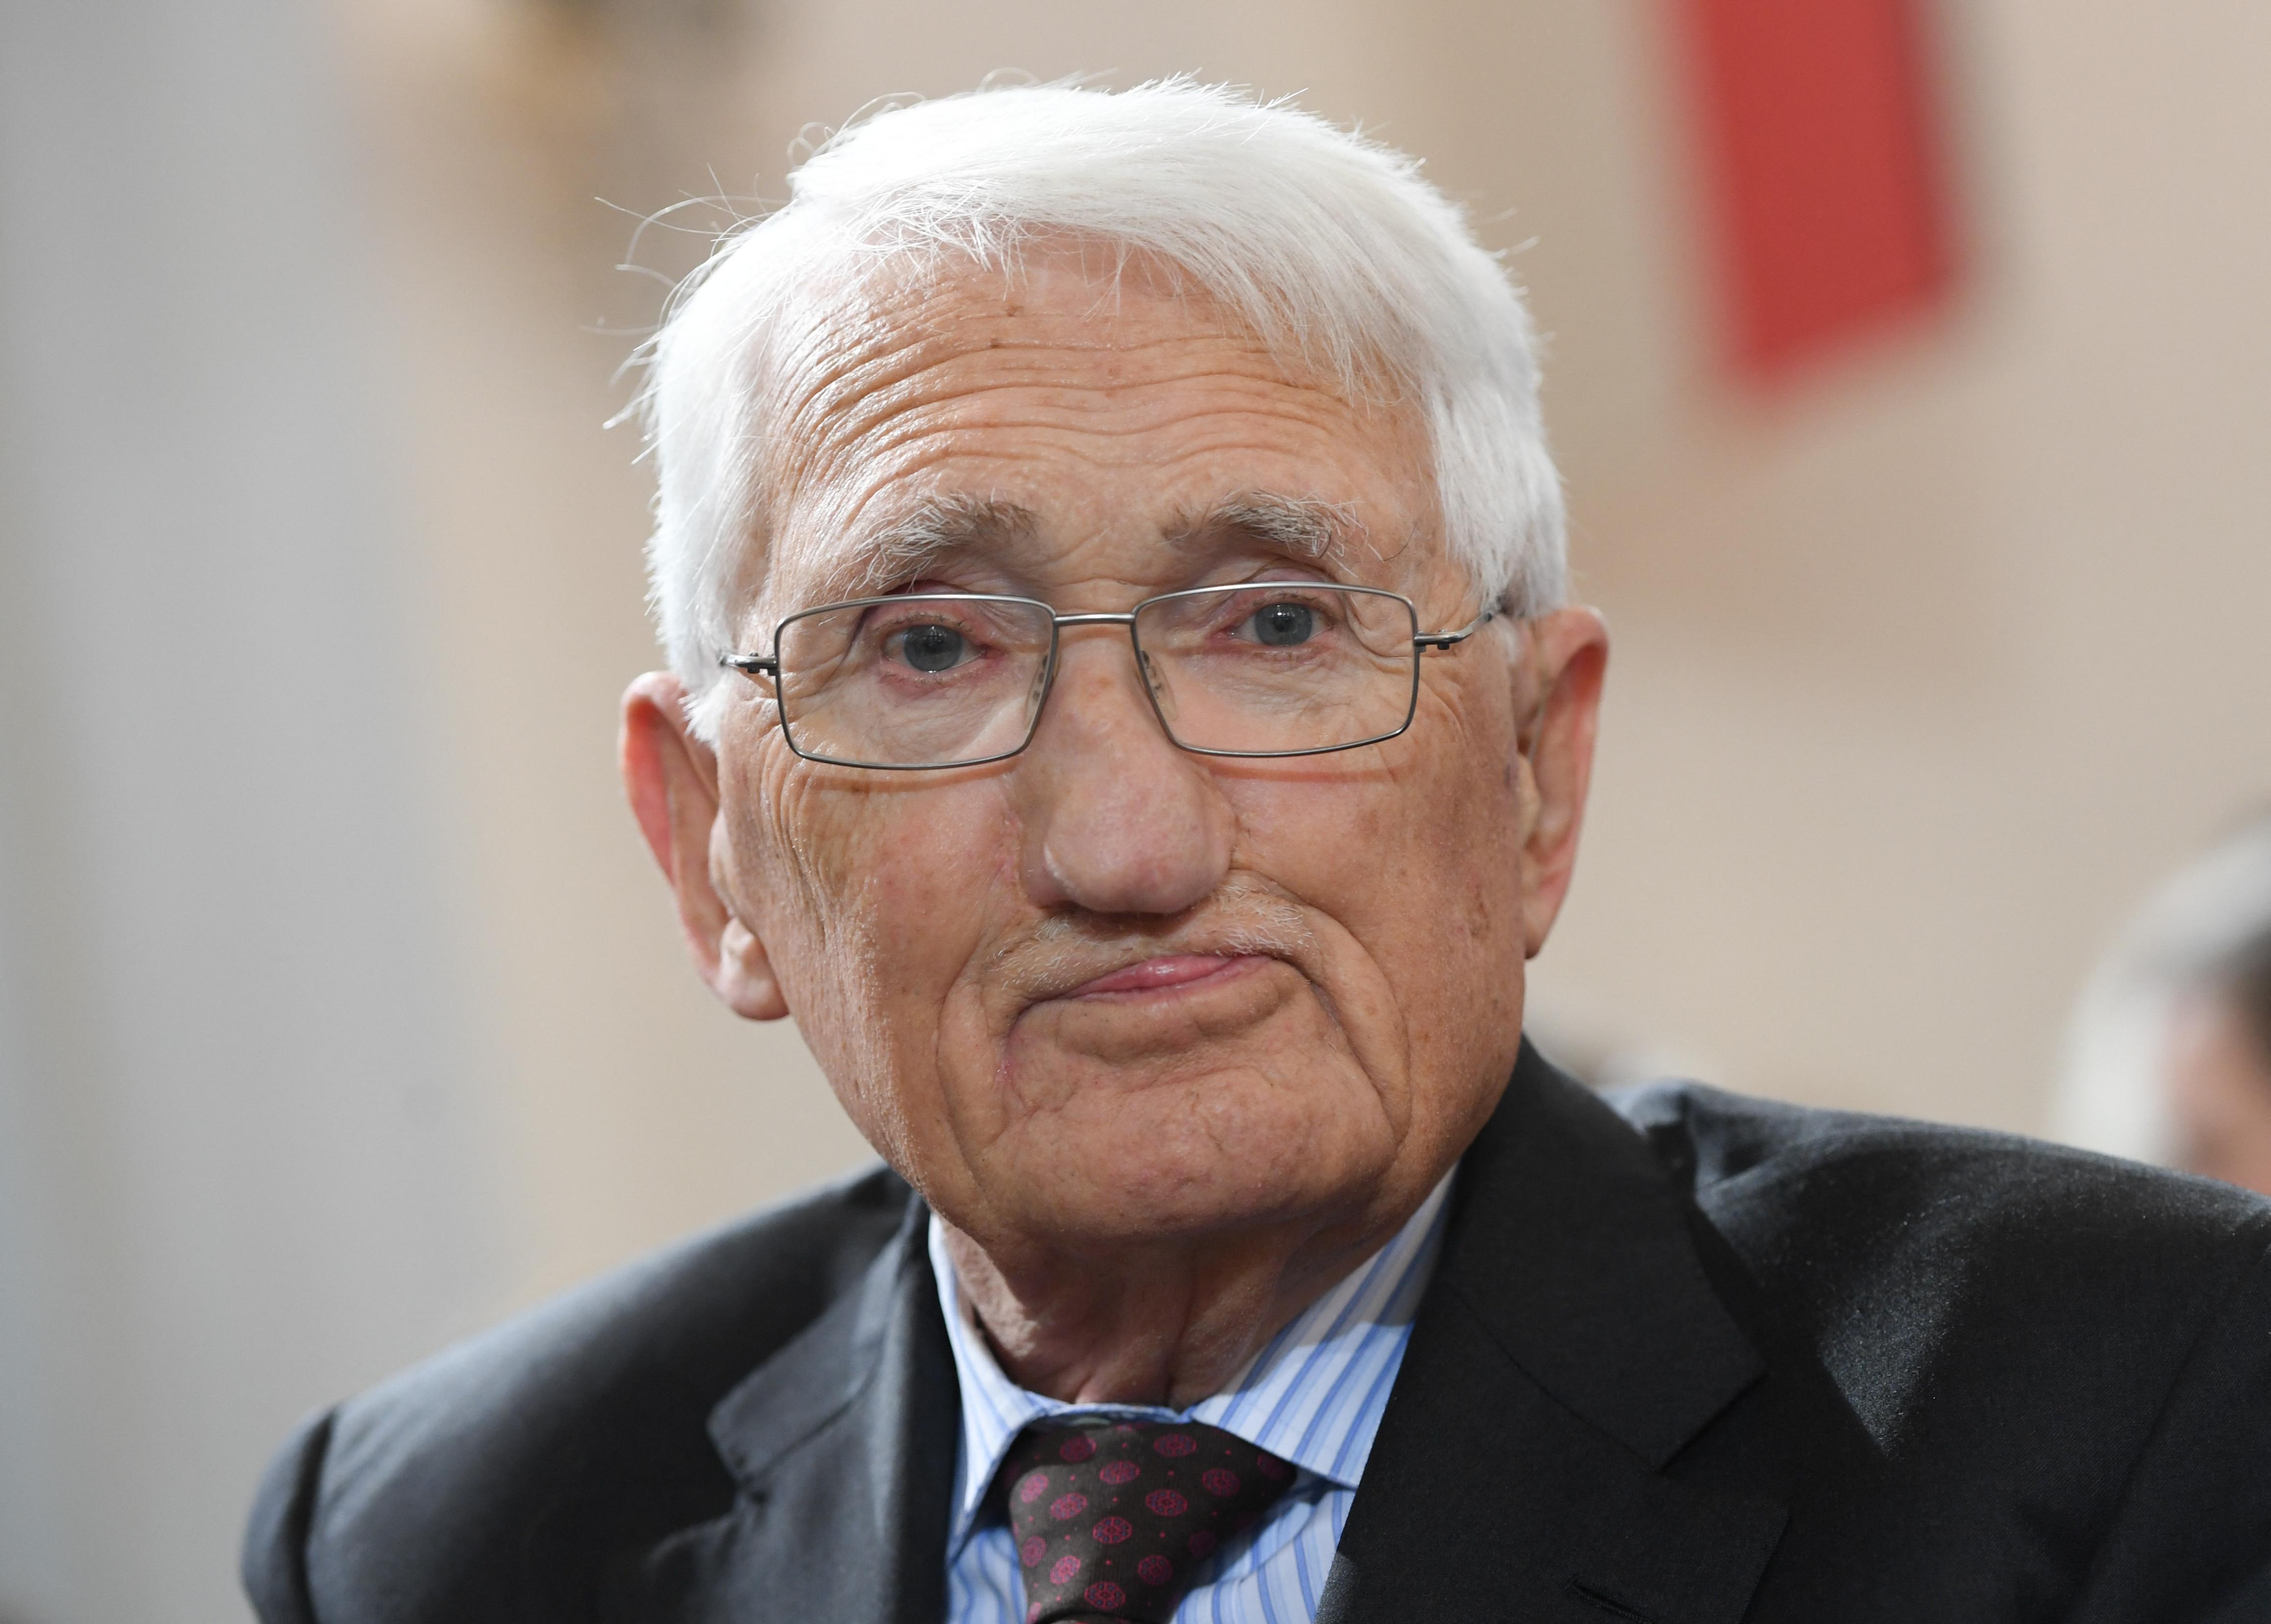 Visszautasítja az Egyesült Arab Emírségek 225 ezer eurós kitüntetését Jürgen Habermas